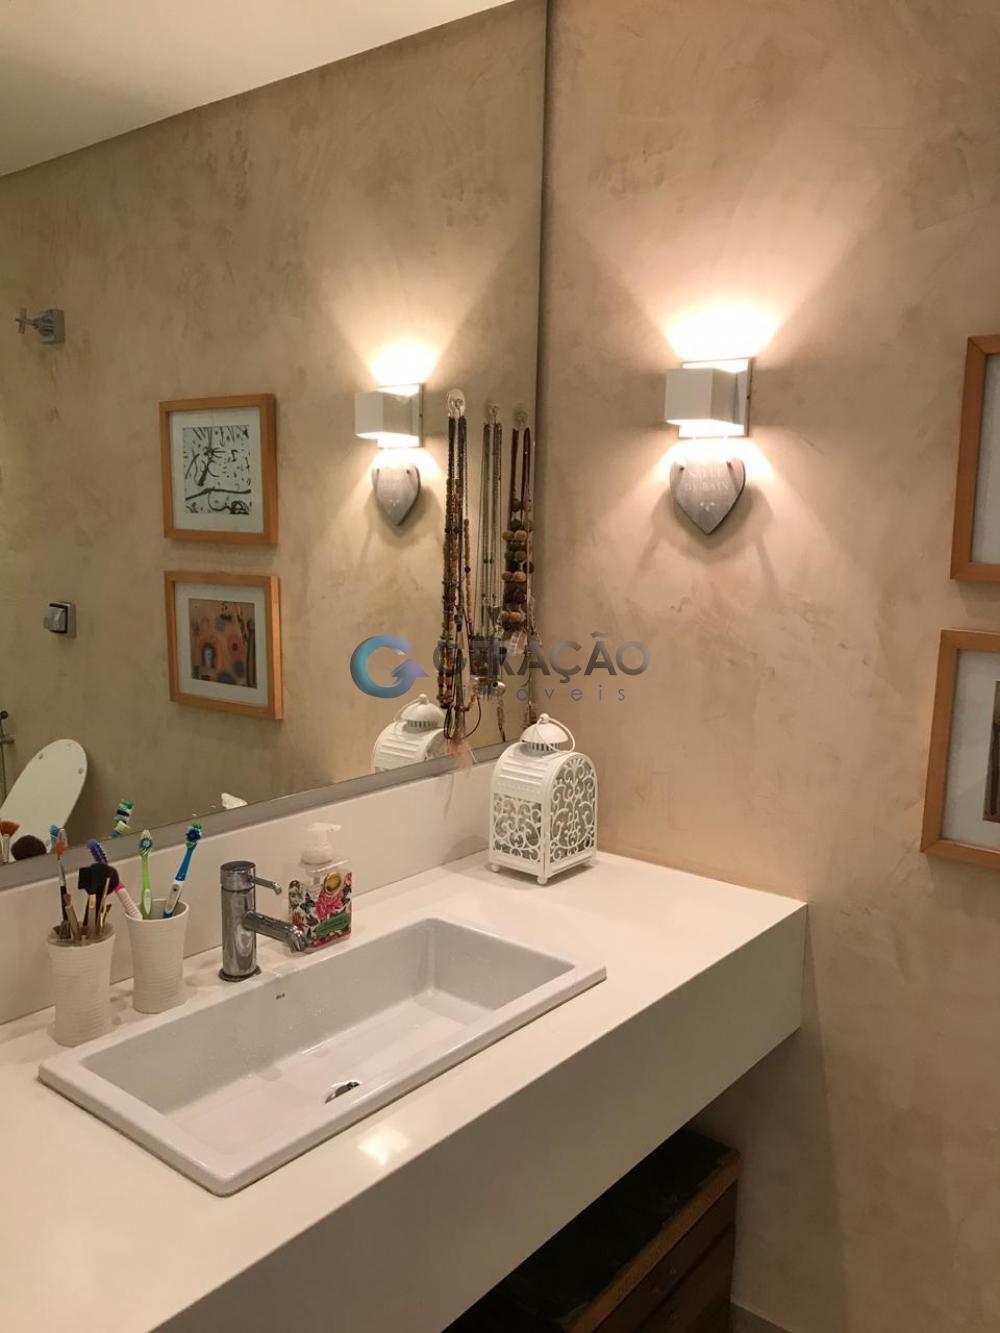 Alugar Apartamento / Padrão em São José dos Campos apenas R$ 3.300,00 - Foto 10